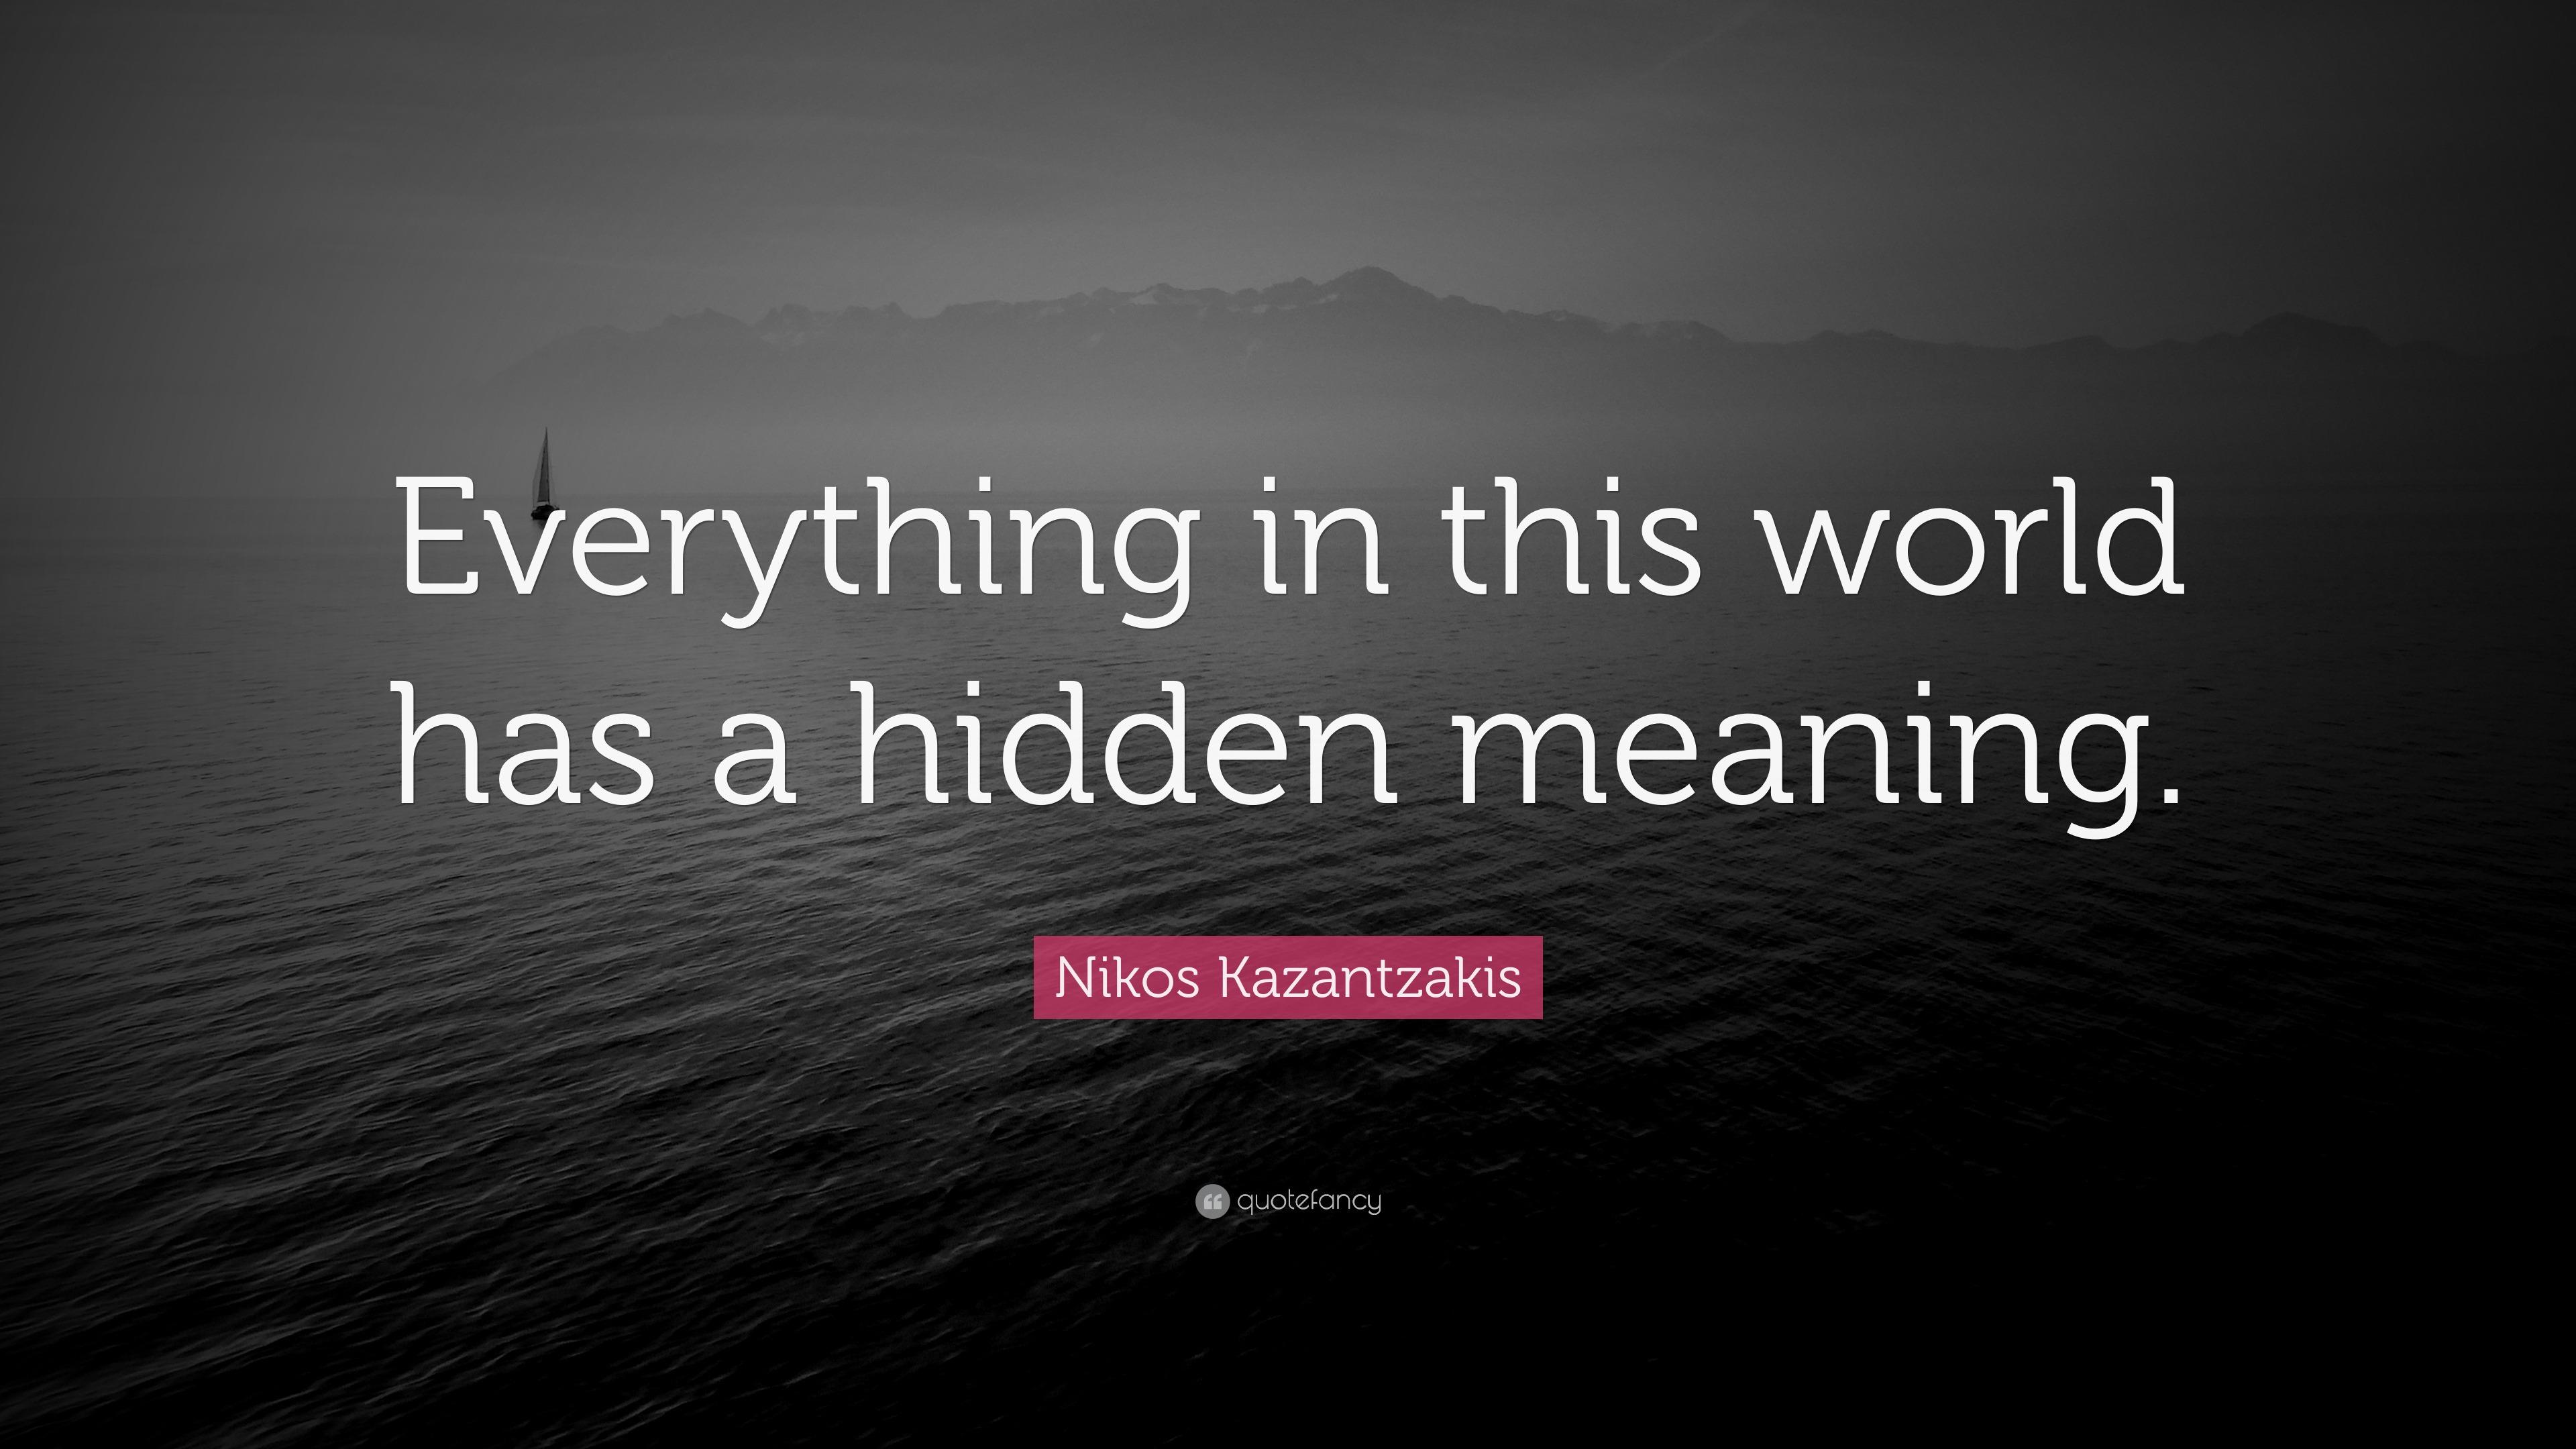 Nikos Kazantzakis Quote Everything In This World Has A Hidden